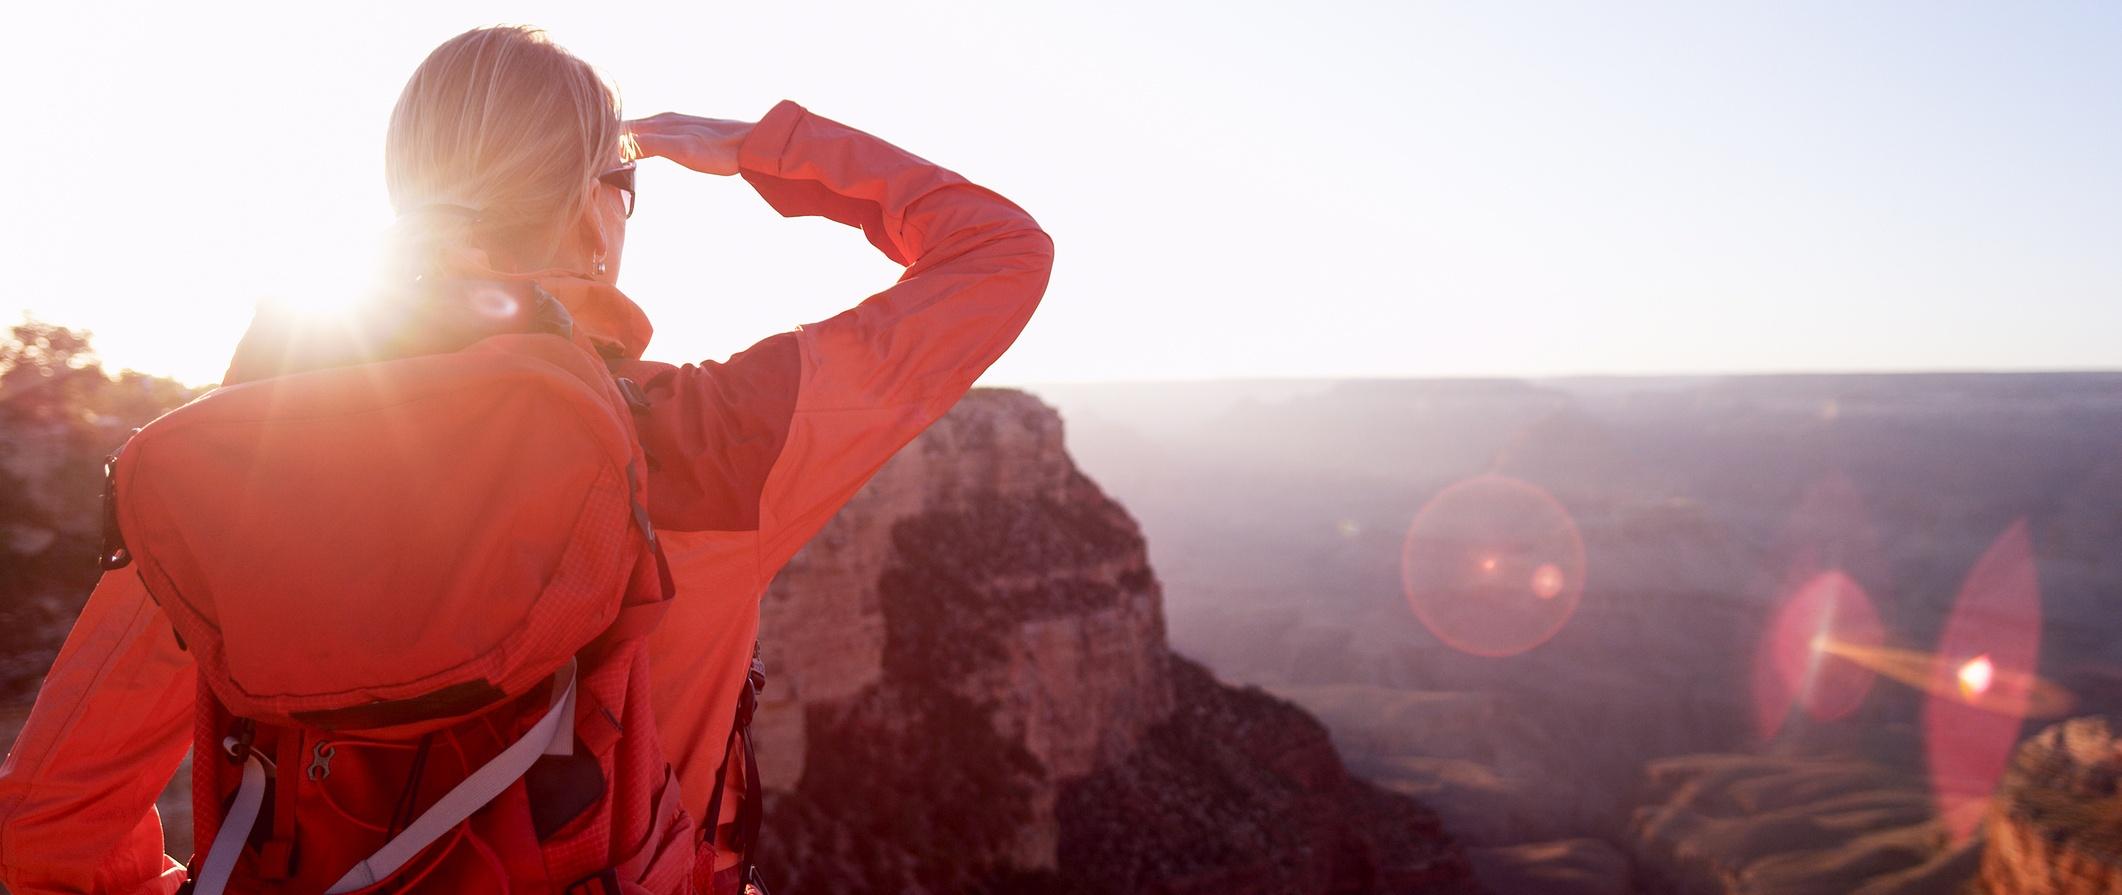 A woman hiker looking at the Grand Canyon, Arizona, USA